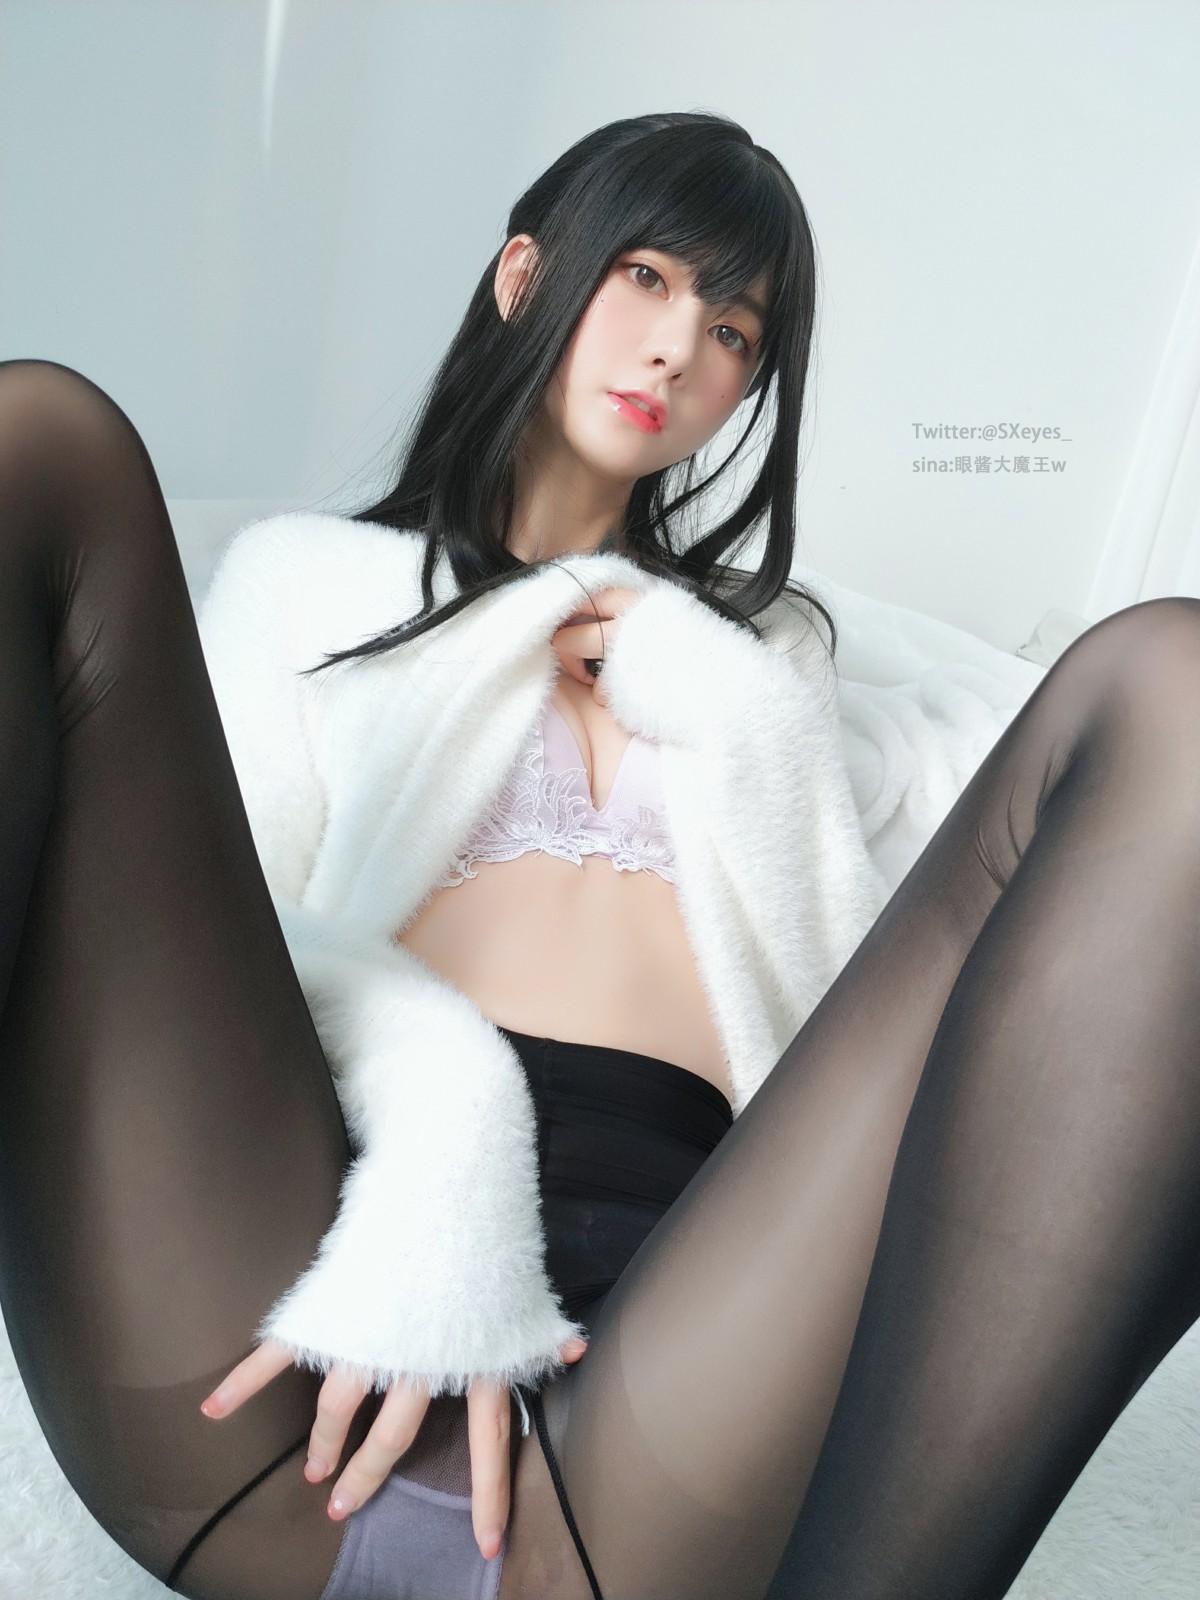 萌妹子眼酱大魔王w - 毛衣黑丝